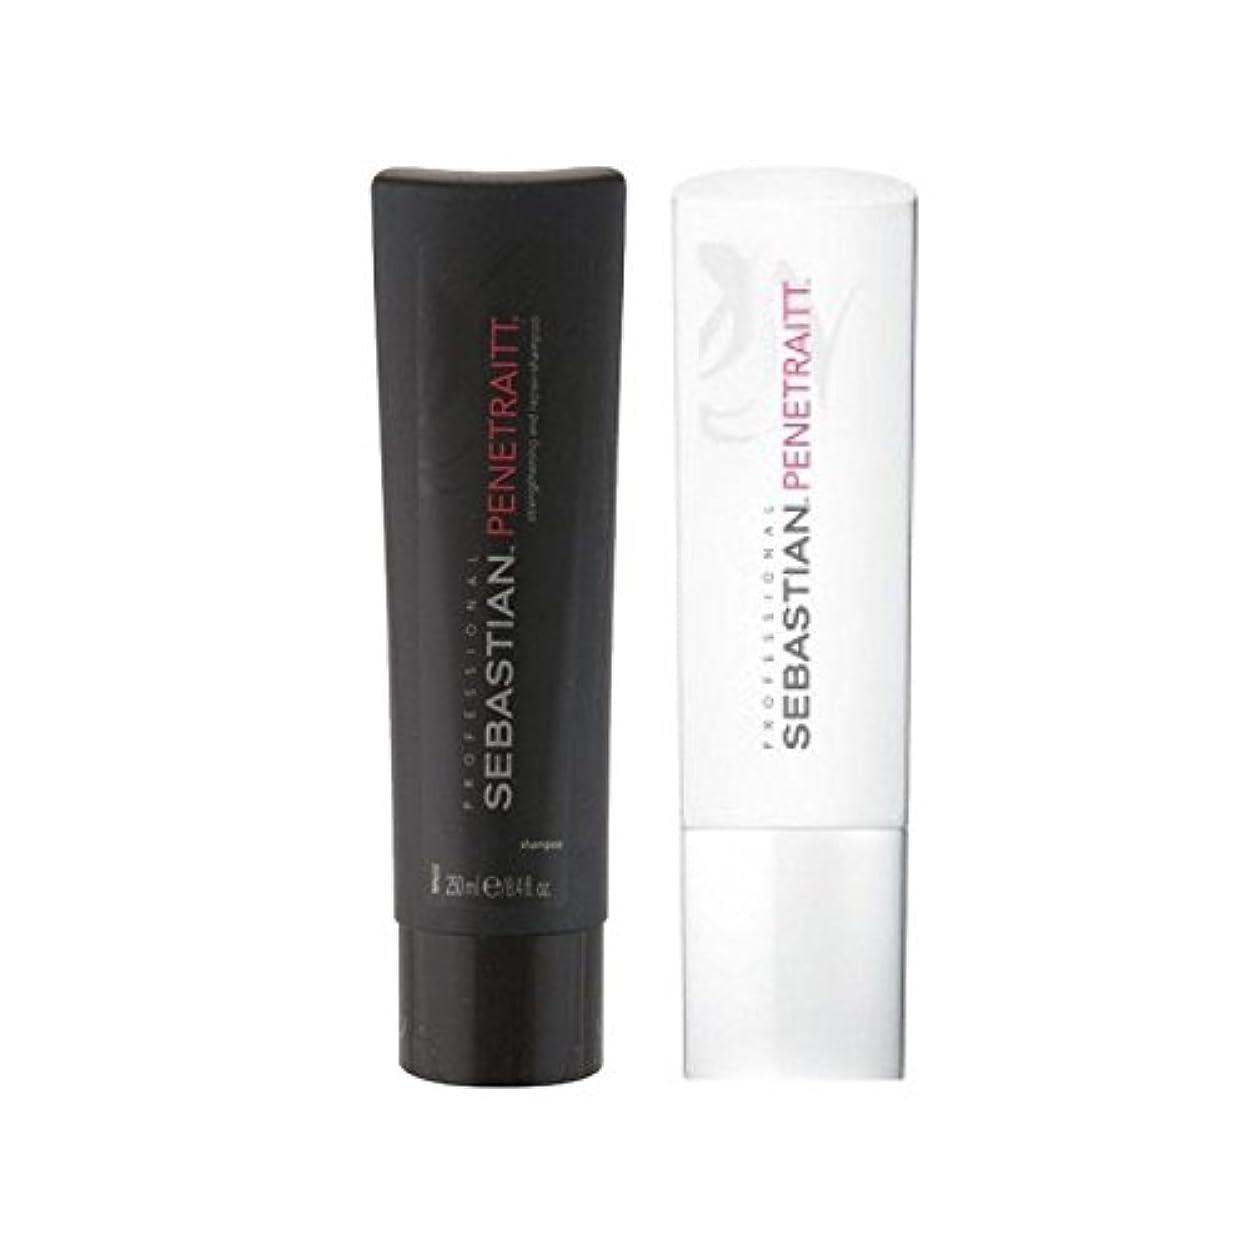 陪審構造的天窓Sebastian Professional Penetraitt Duo - Shampoo & Conditioner - セバスチャンプロデュオ - シャンプー&コンディショナー [並行輸入品]